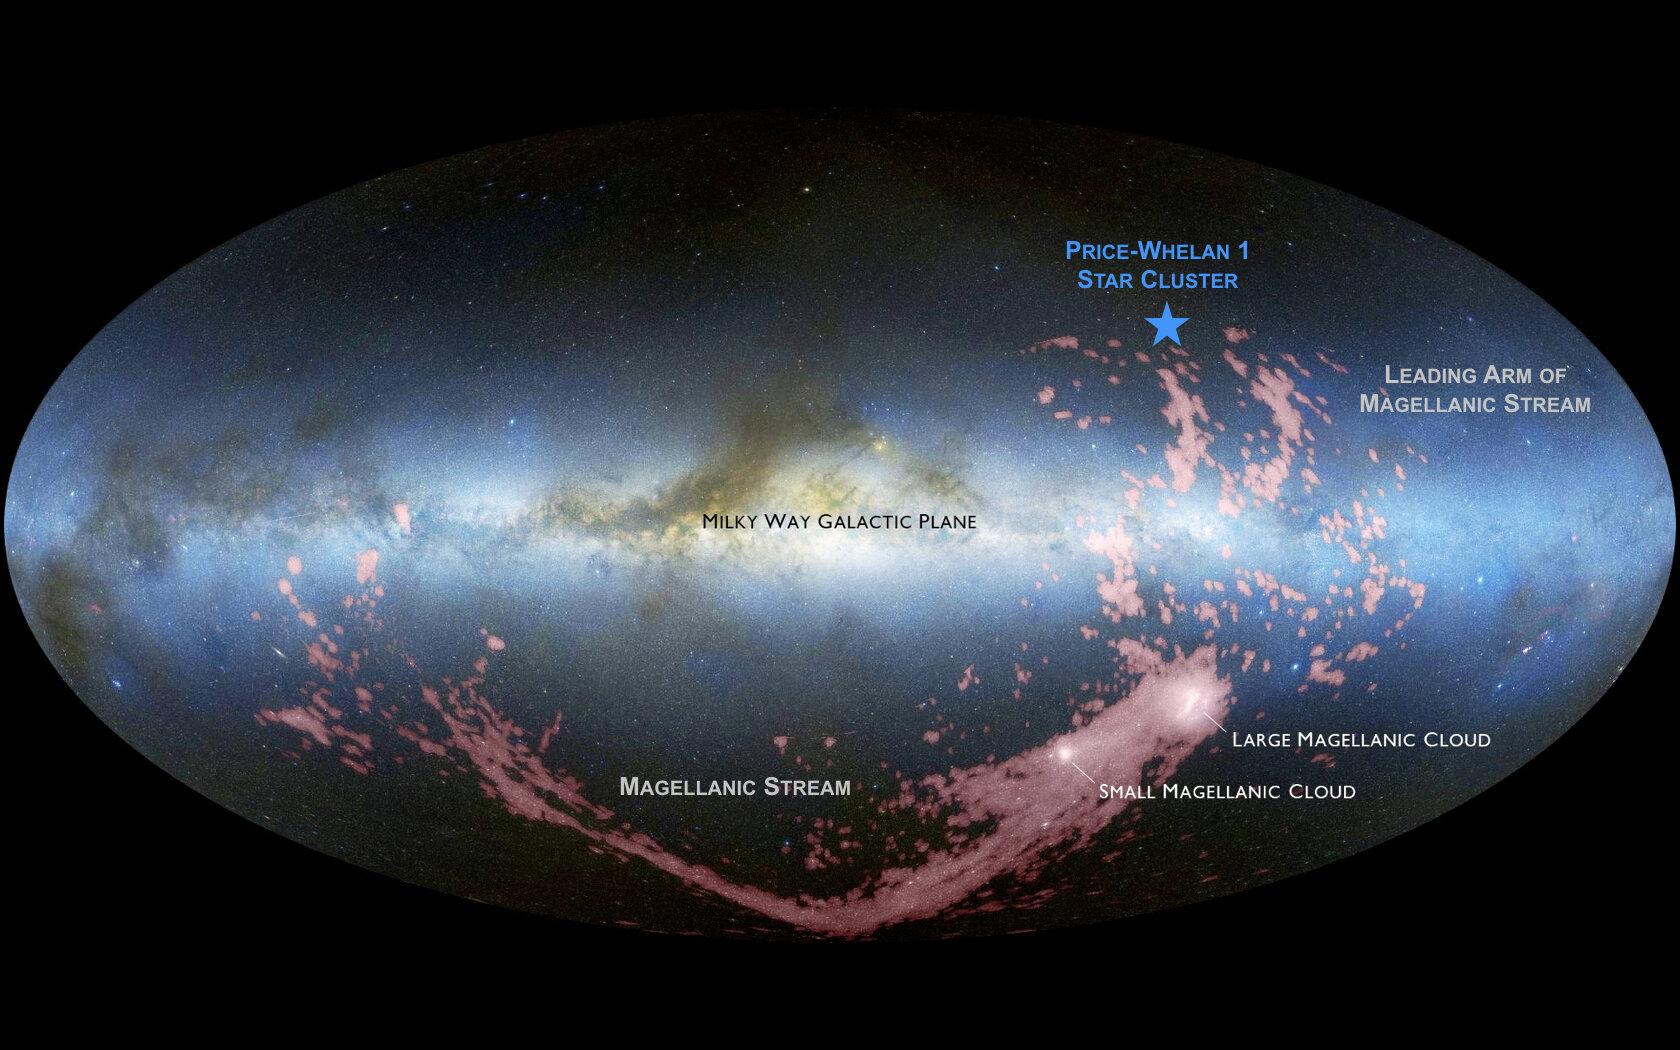 Budoucí srážka se sousedními galaxiemi už nyní vytváří nové hvězdy v Mléčné dráze